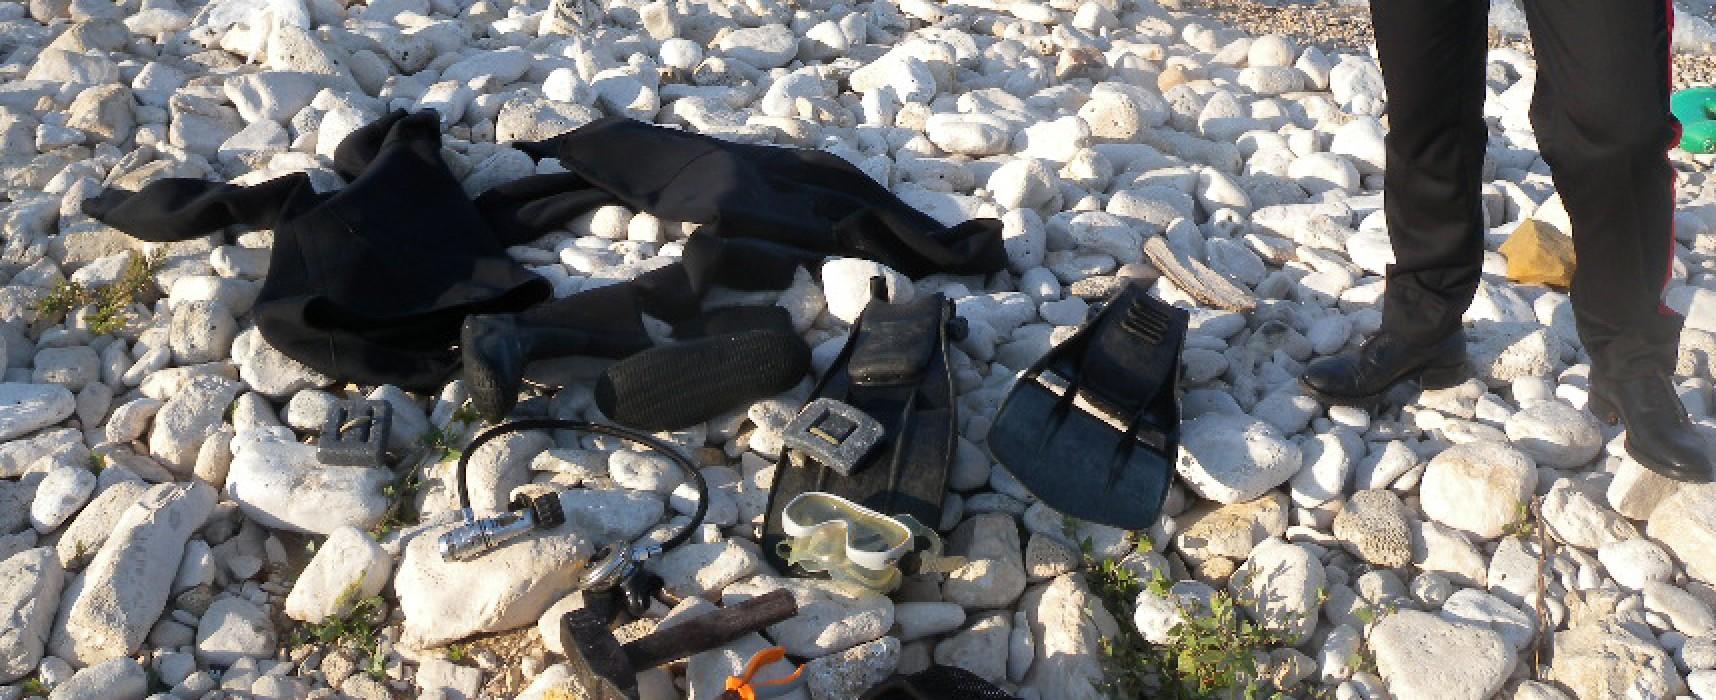 Sorpreso mentre pescava datteri alla Torretta, 27enne molfettese denunciato